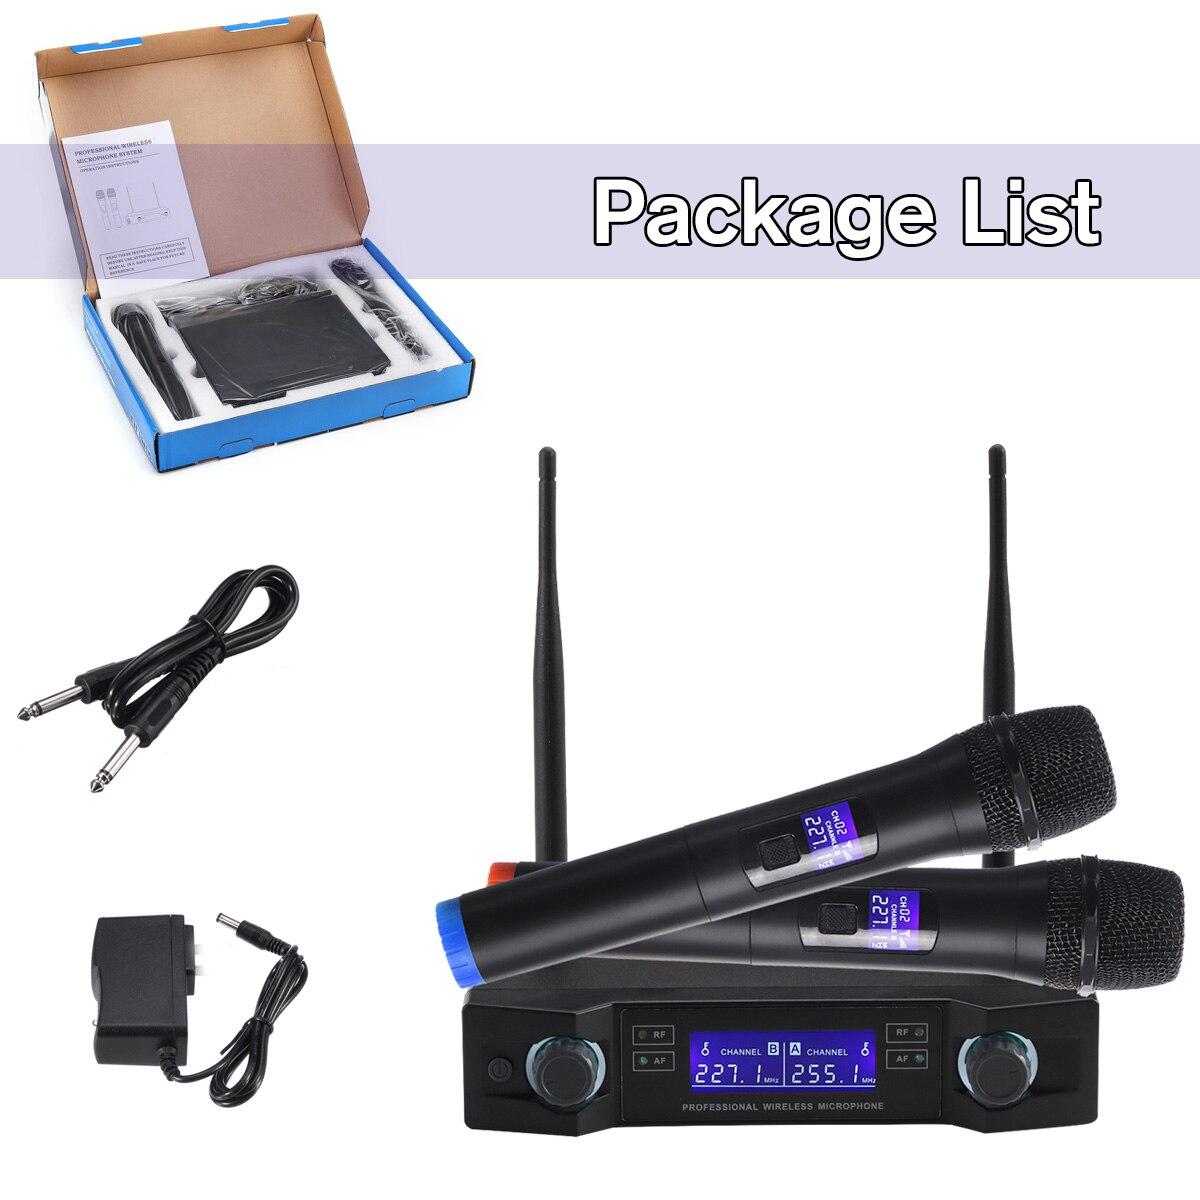 Système de Microphone sans fil UHF dynamique 2 canaux 2 poche karaoké Microphone cardioïde professionnel - 6